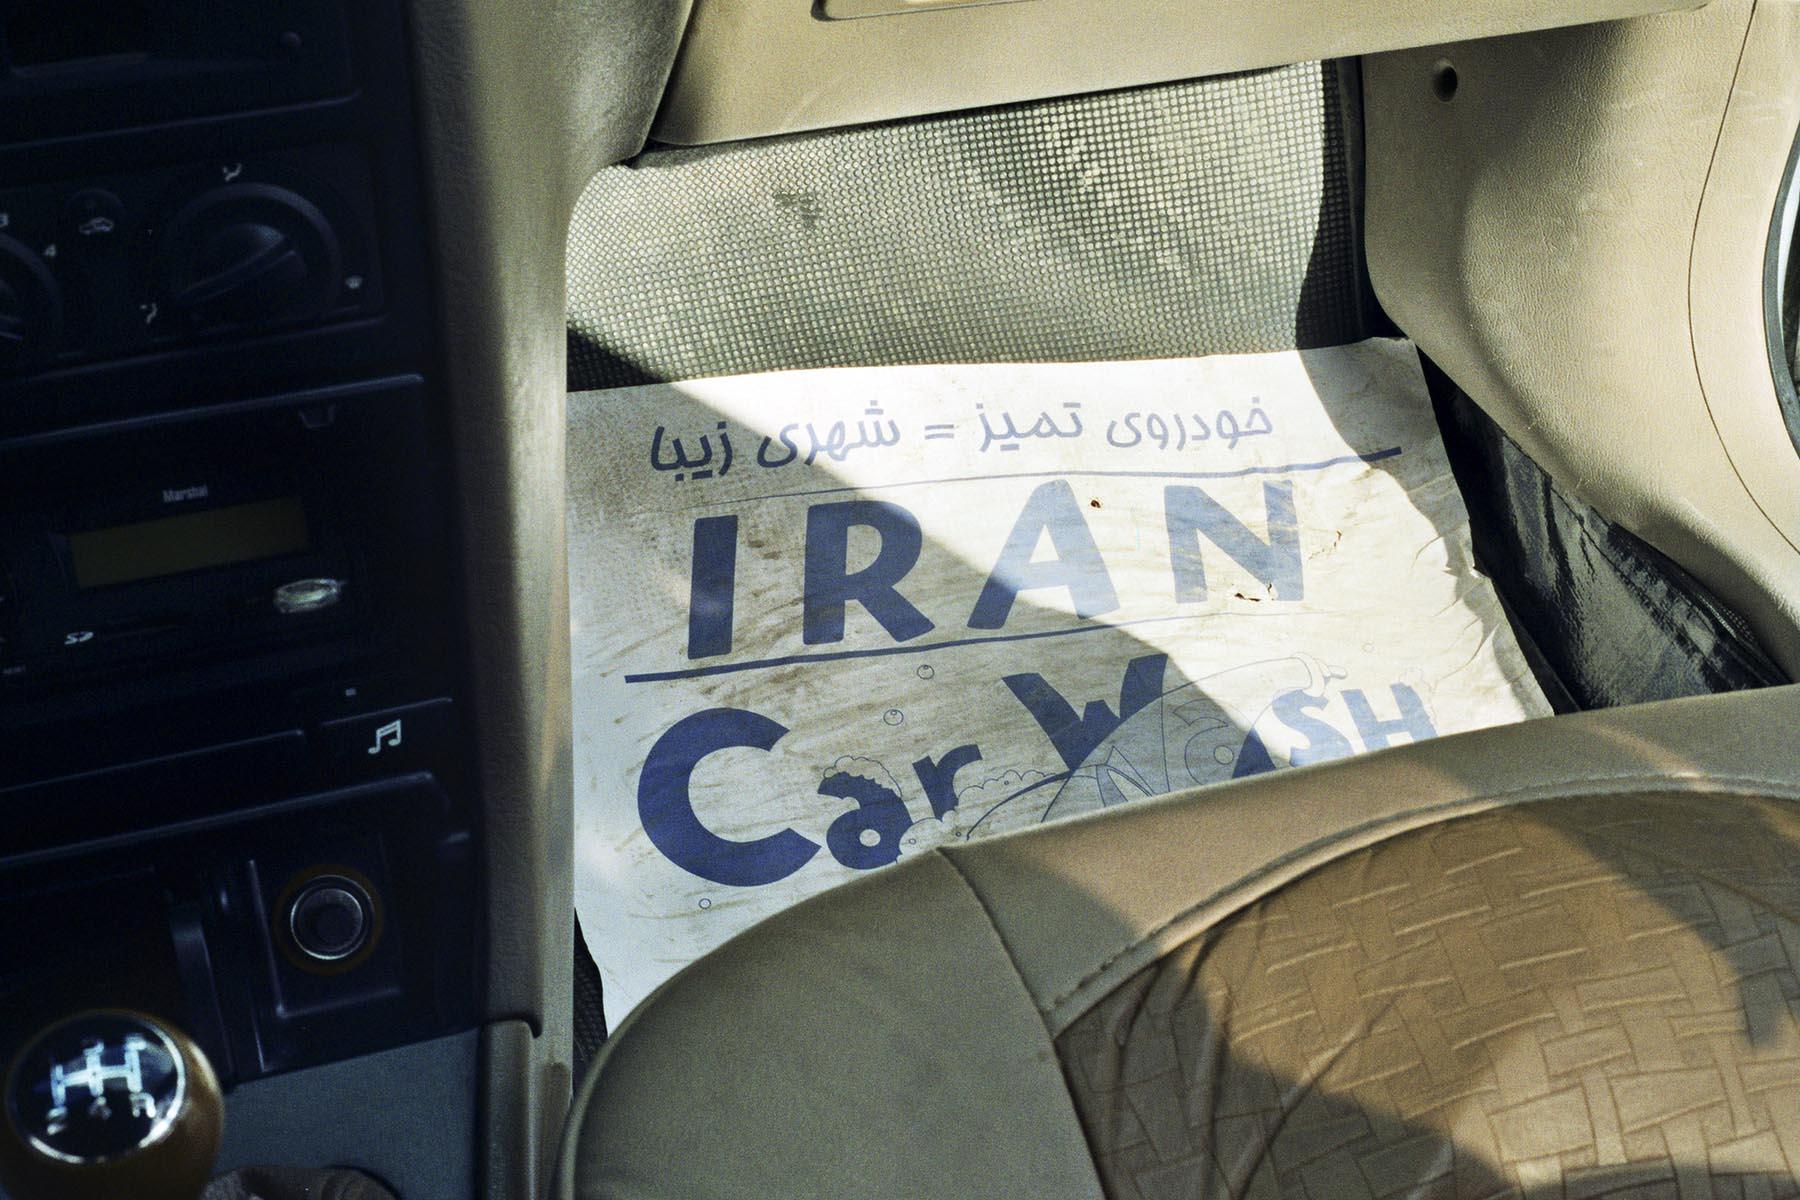 Iran 01 Kirstin Weppner @cskw_berlin lo